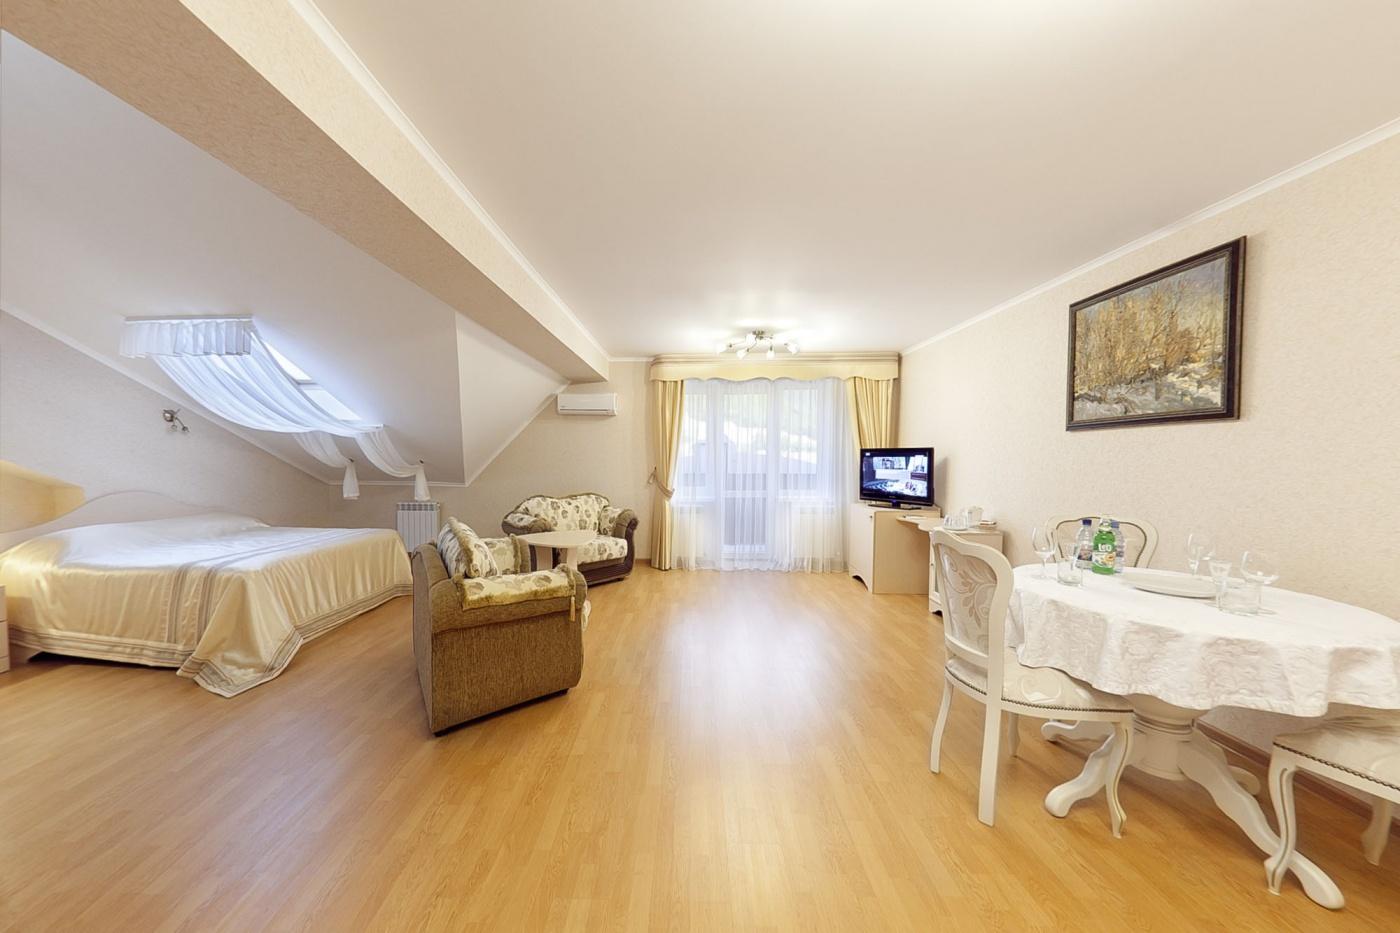 Отель «Бонжур» Краснодарский край Студия большая 3-местная, фото 1